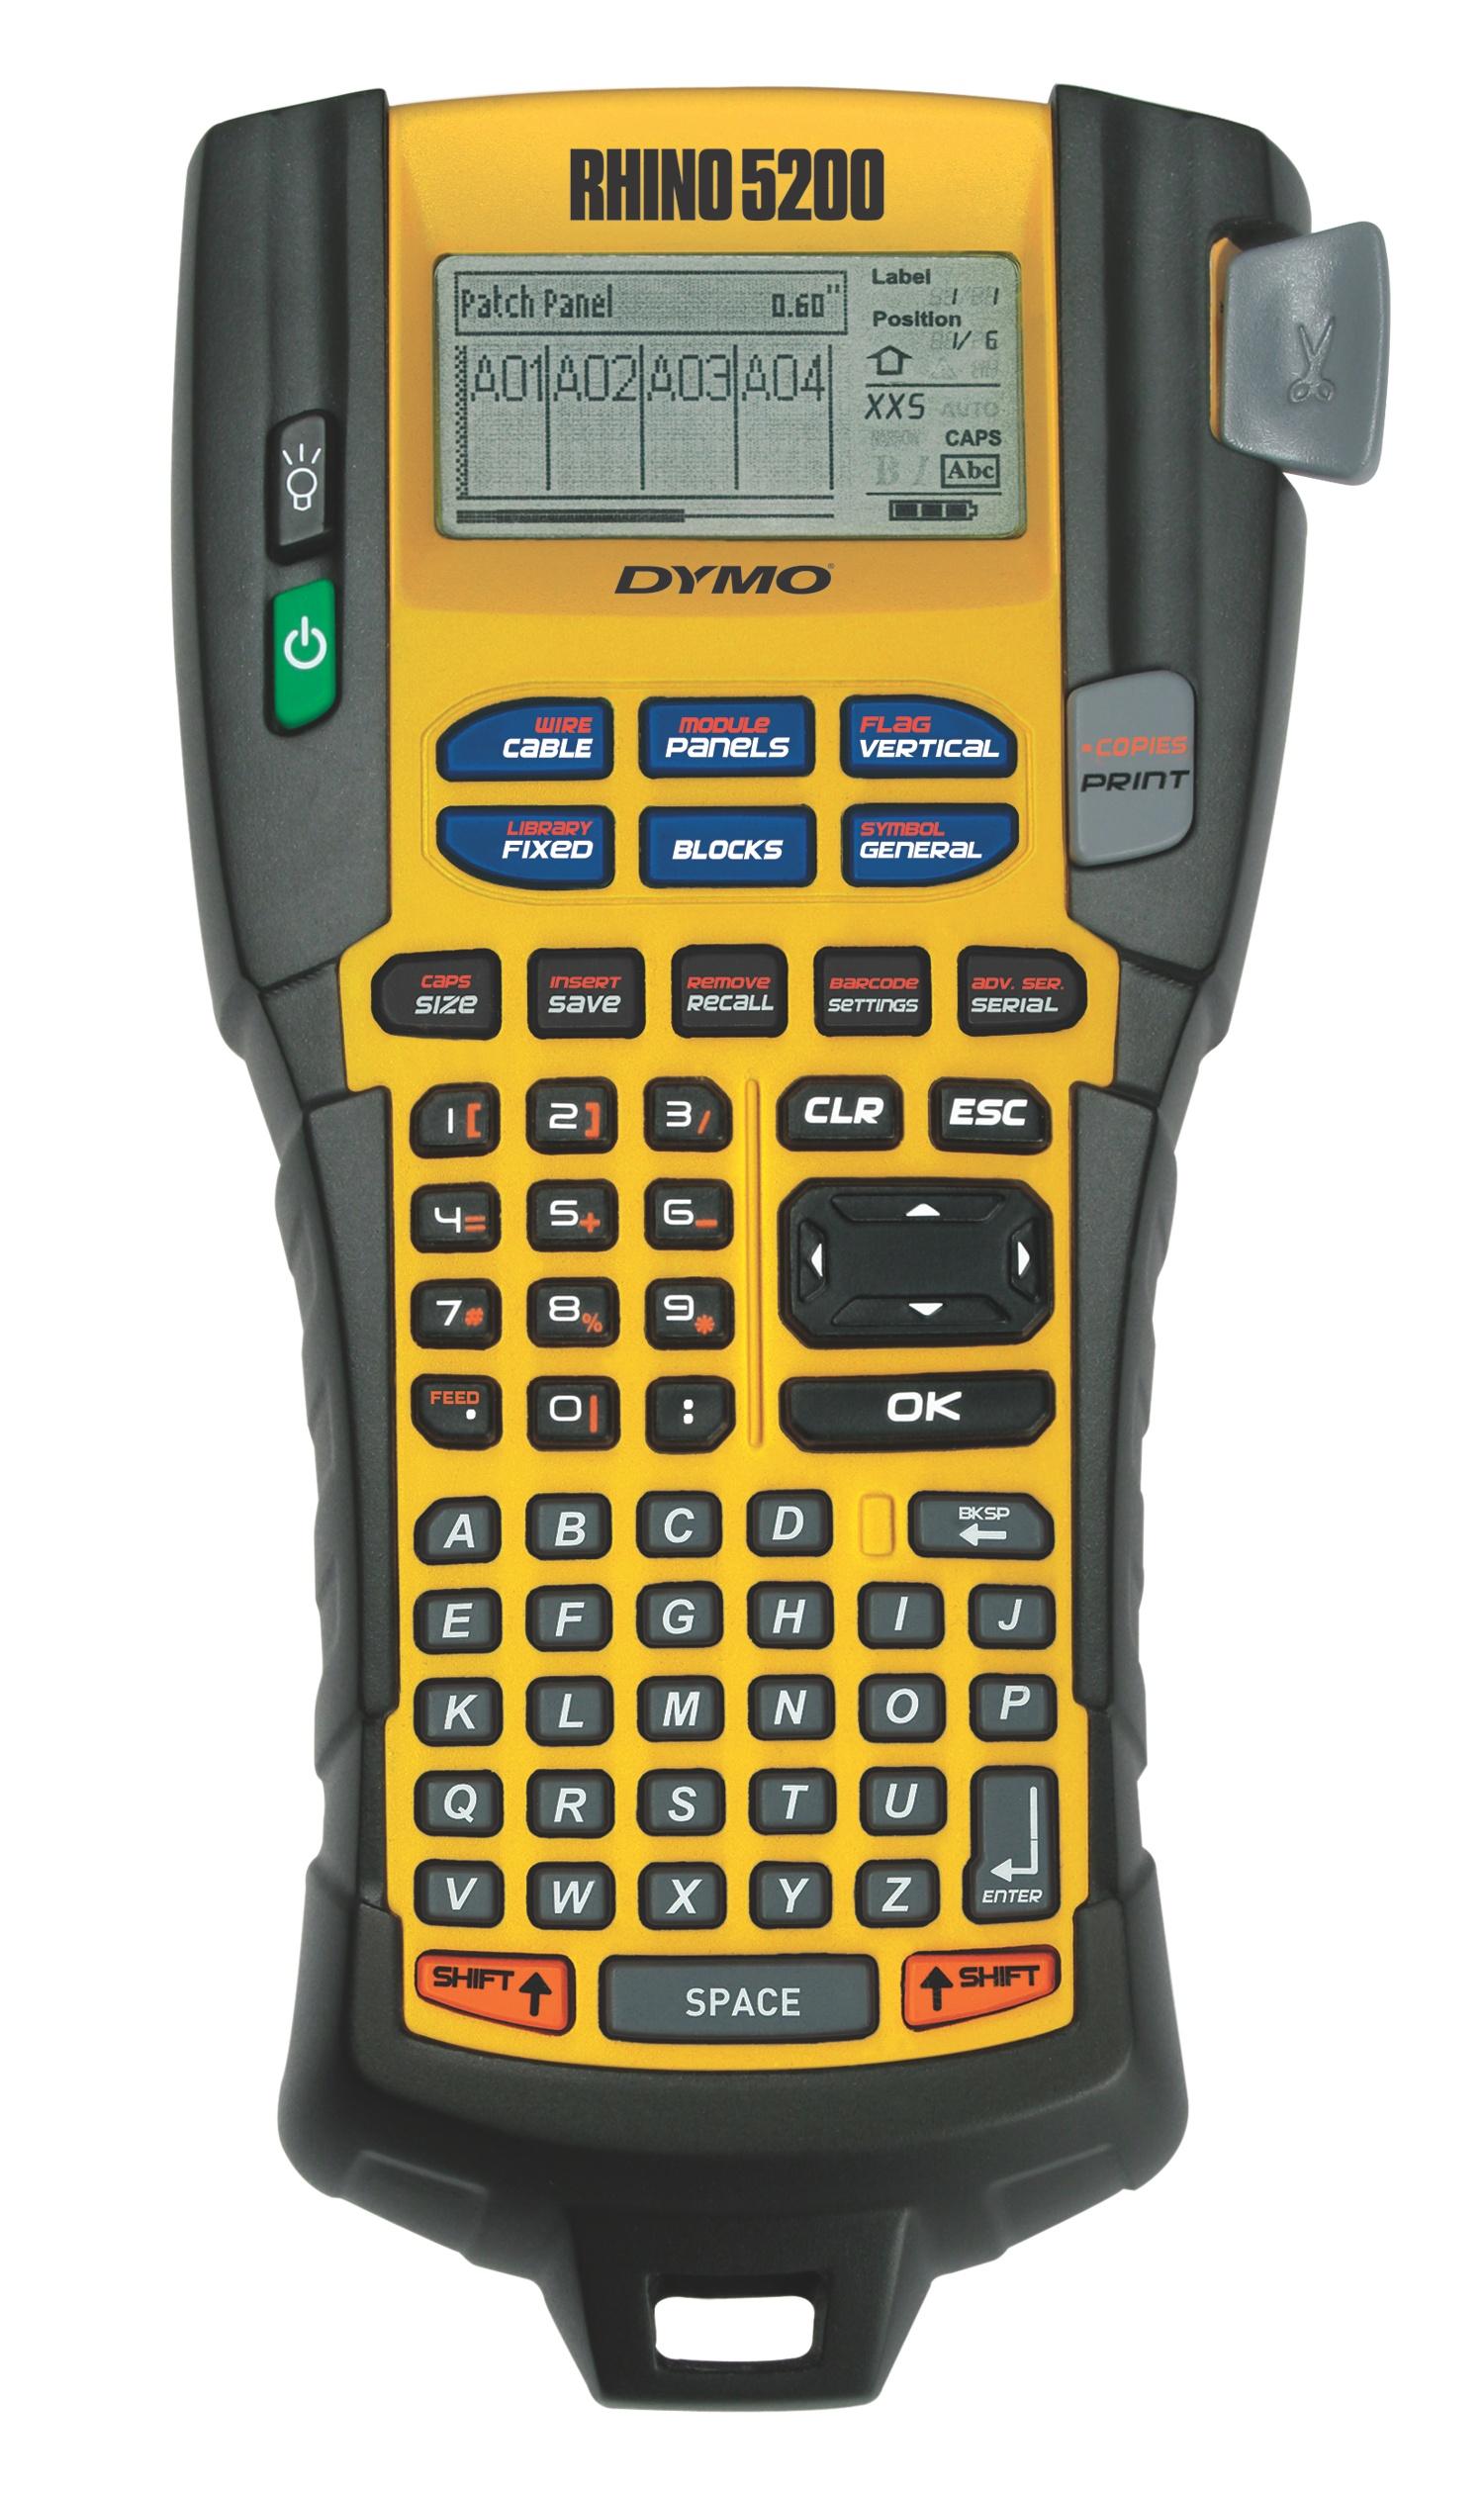 Imprimanta cabluri Rhino 5200